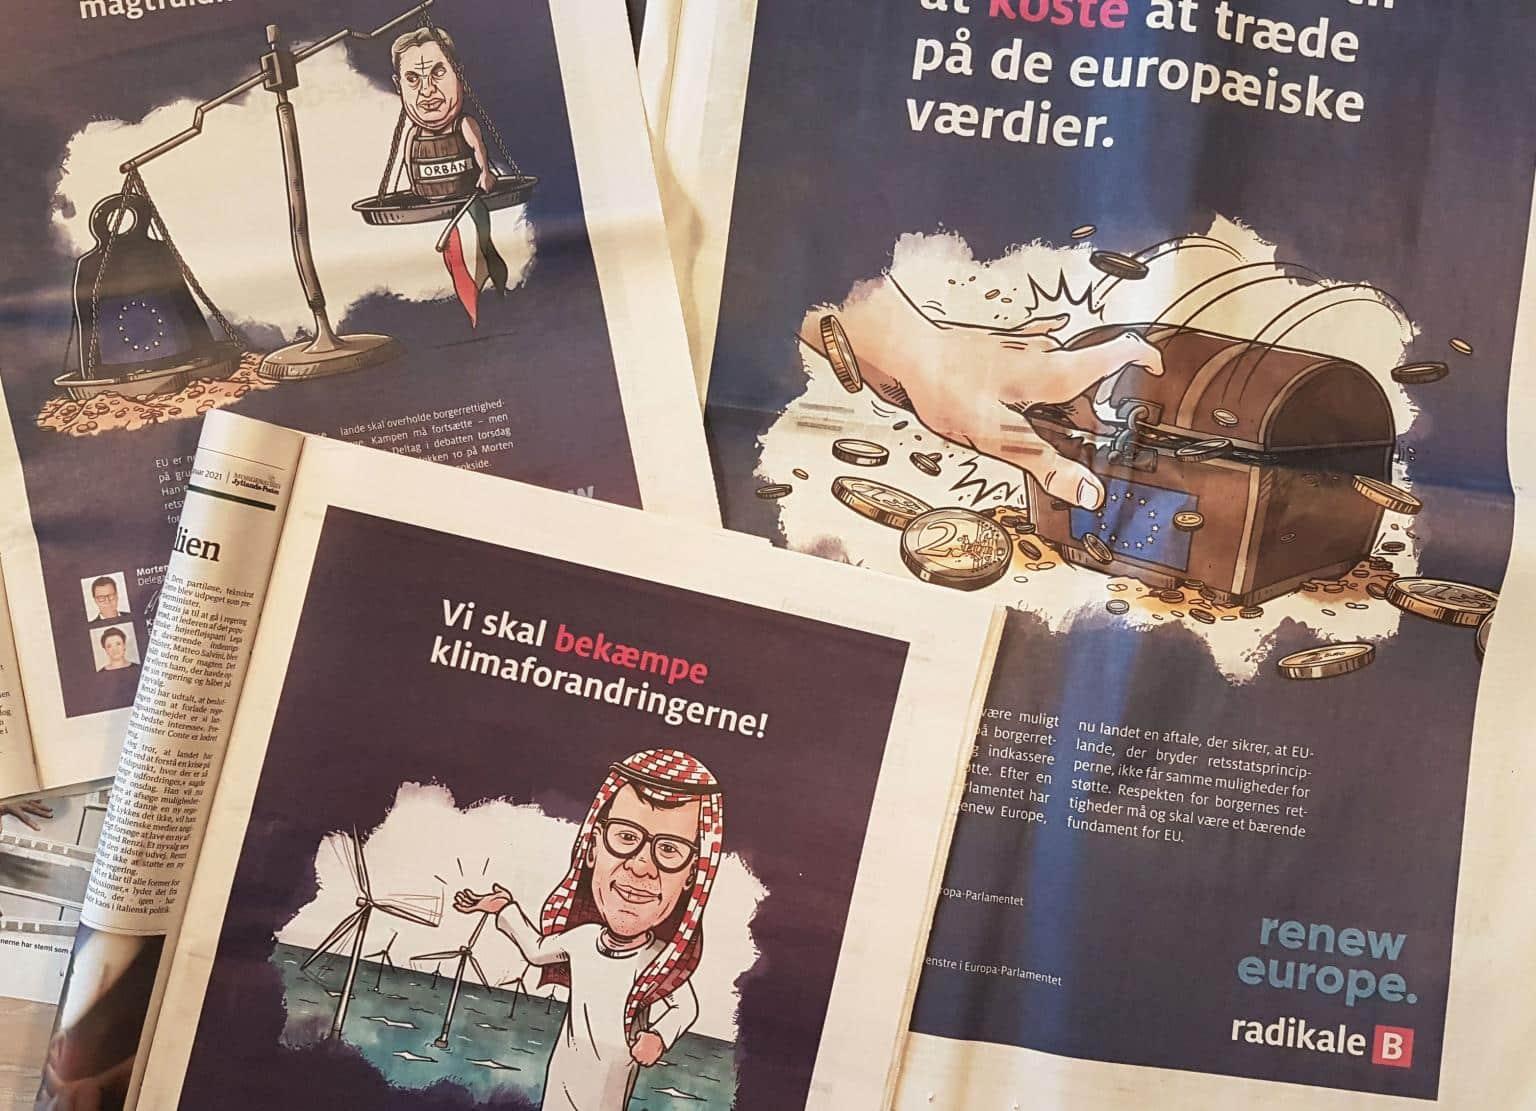 Udvalg af aviser med artikelillustrationer til Radikale Venstre af Valdefar.dk